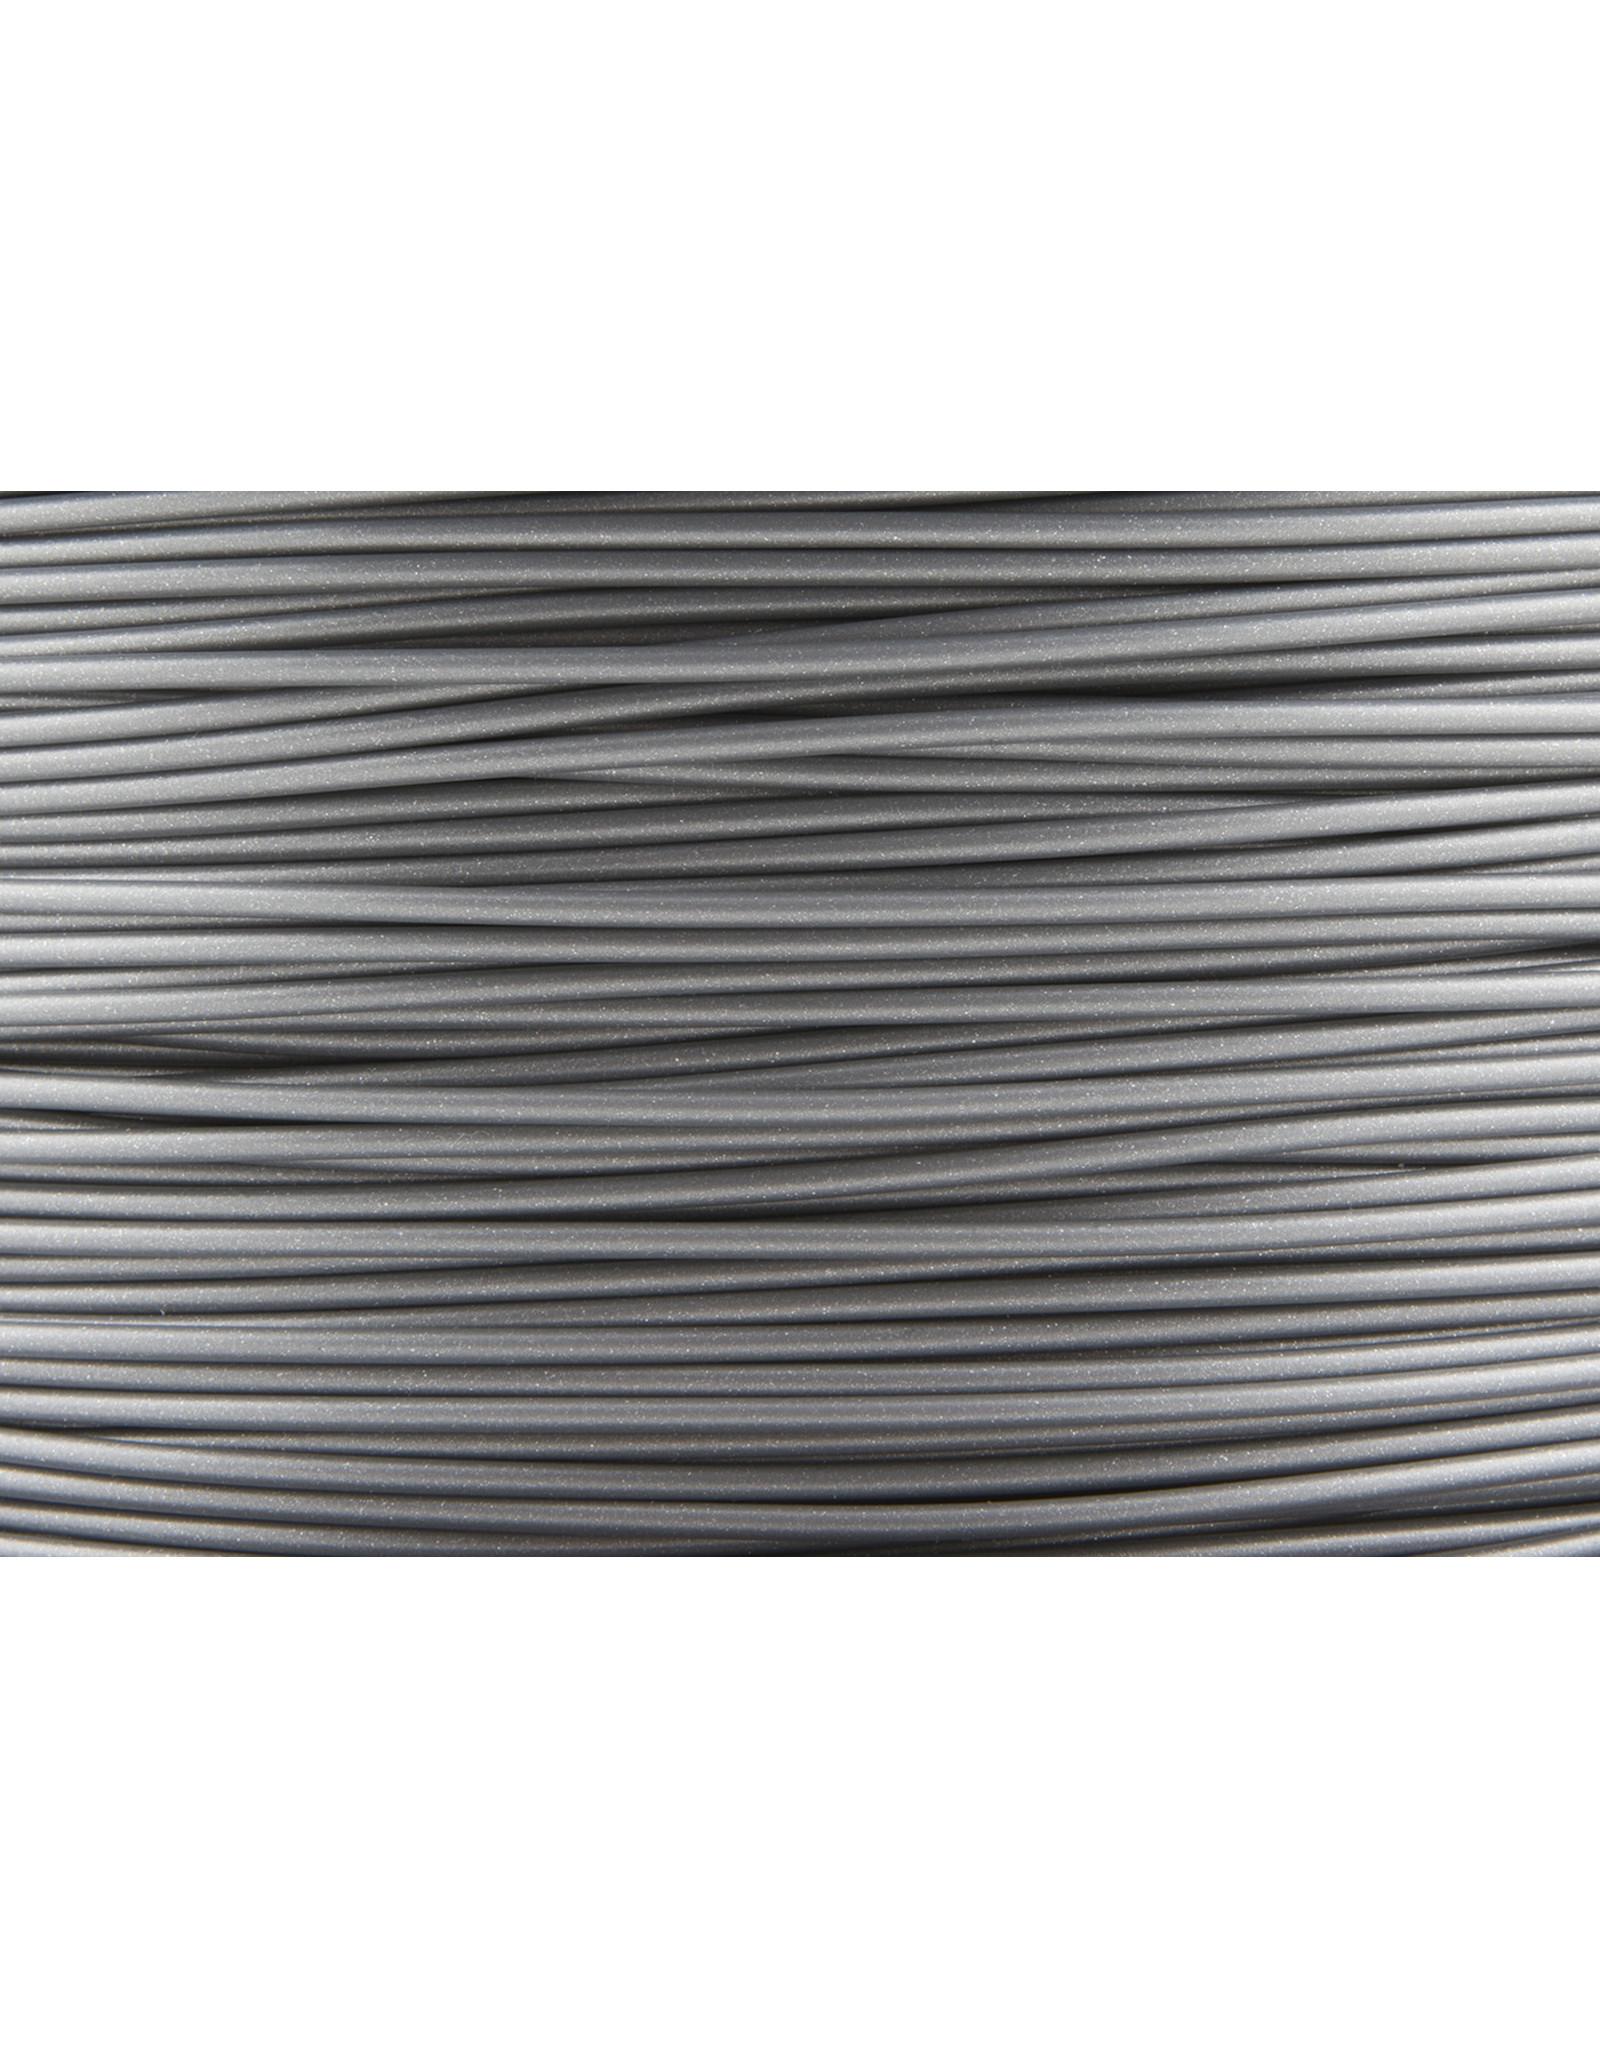 Prima PrimaValue PLA Filament 1.75mm 1 kg licht grijs